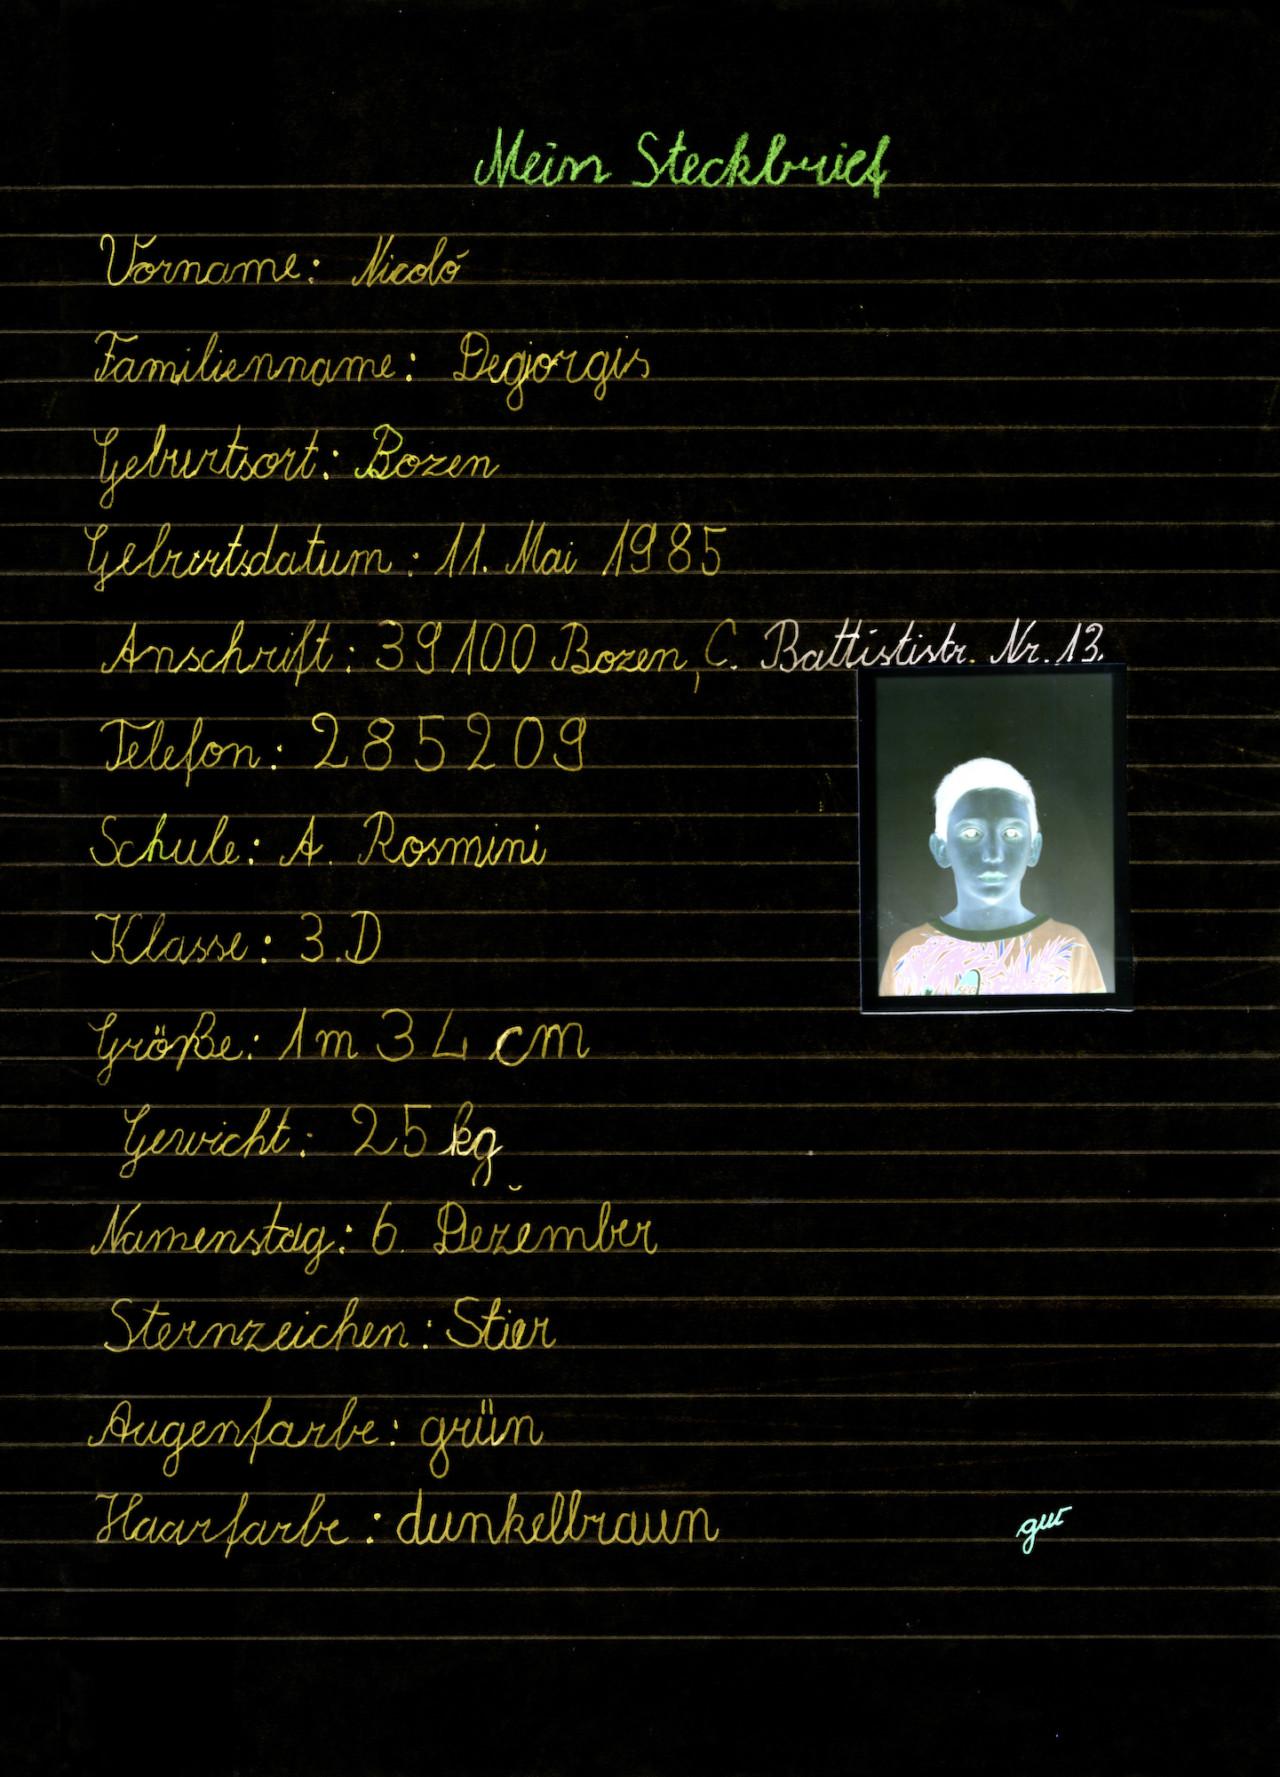 Nicolò Degiorgis Heimatkunde, 1993-1995